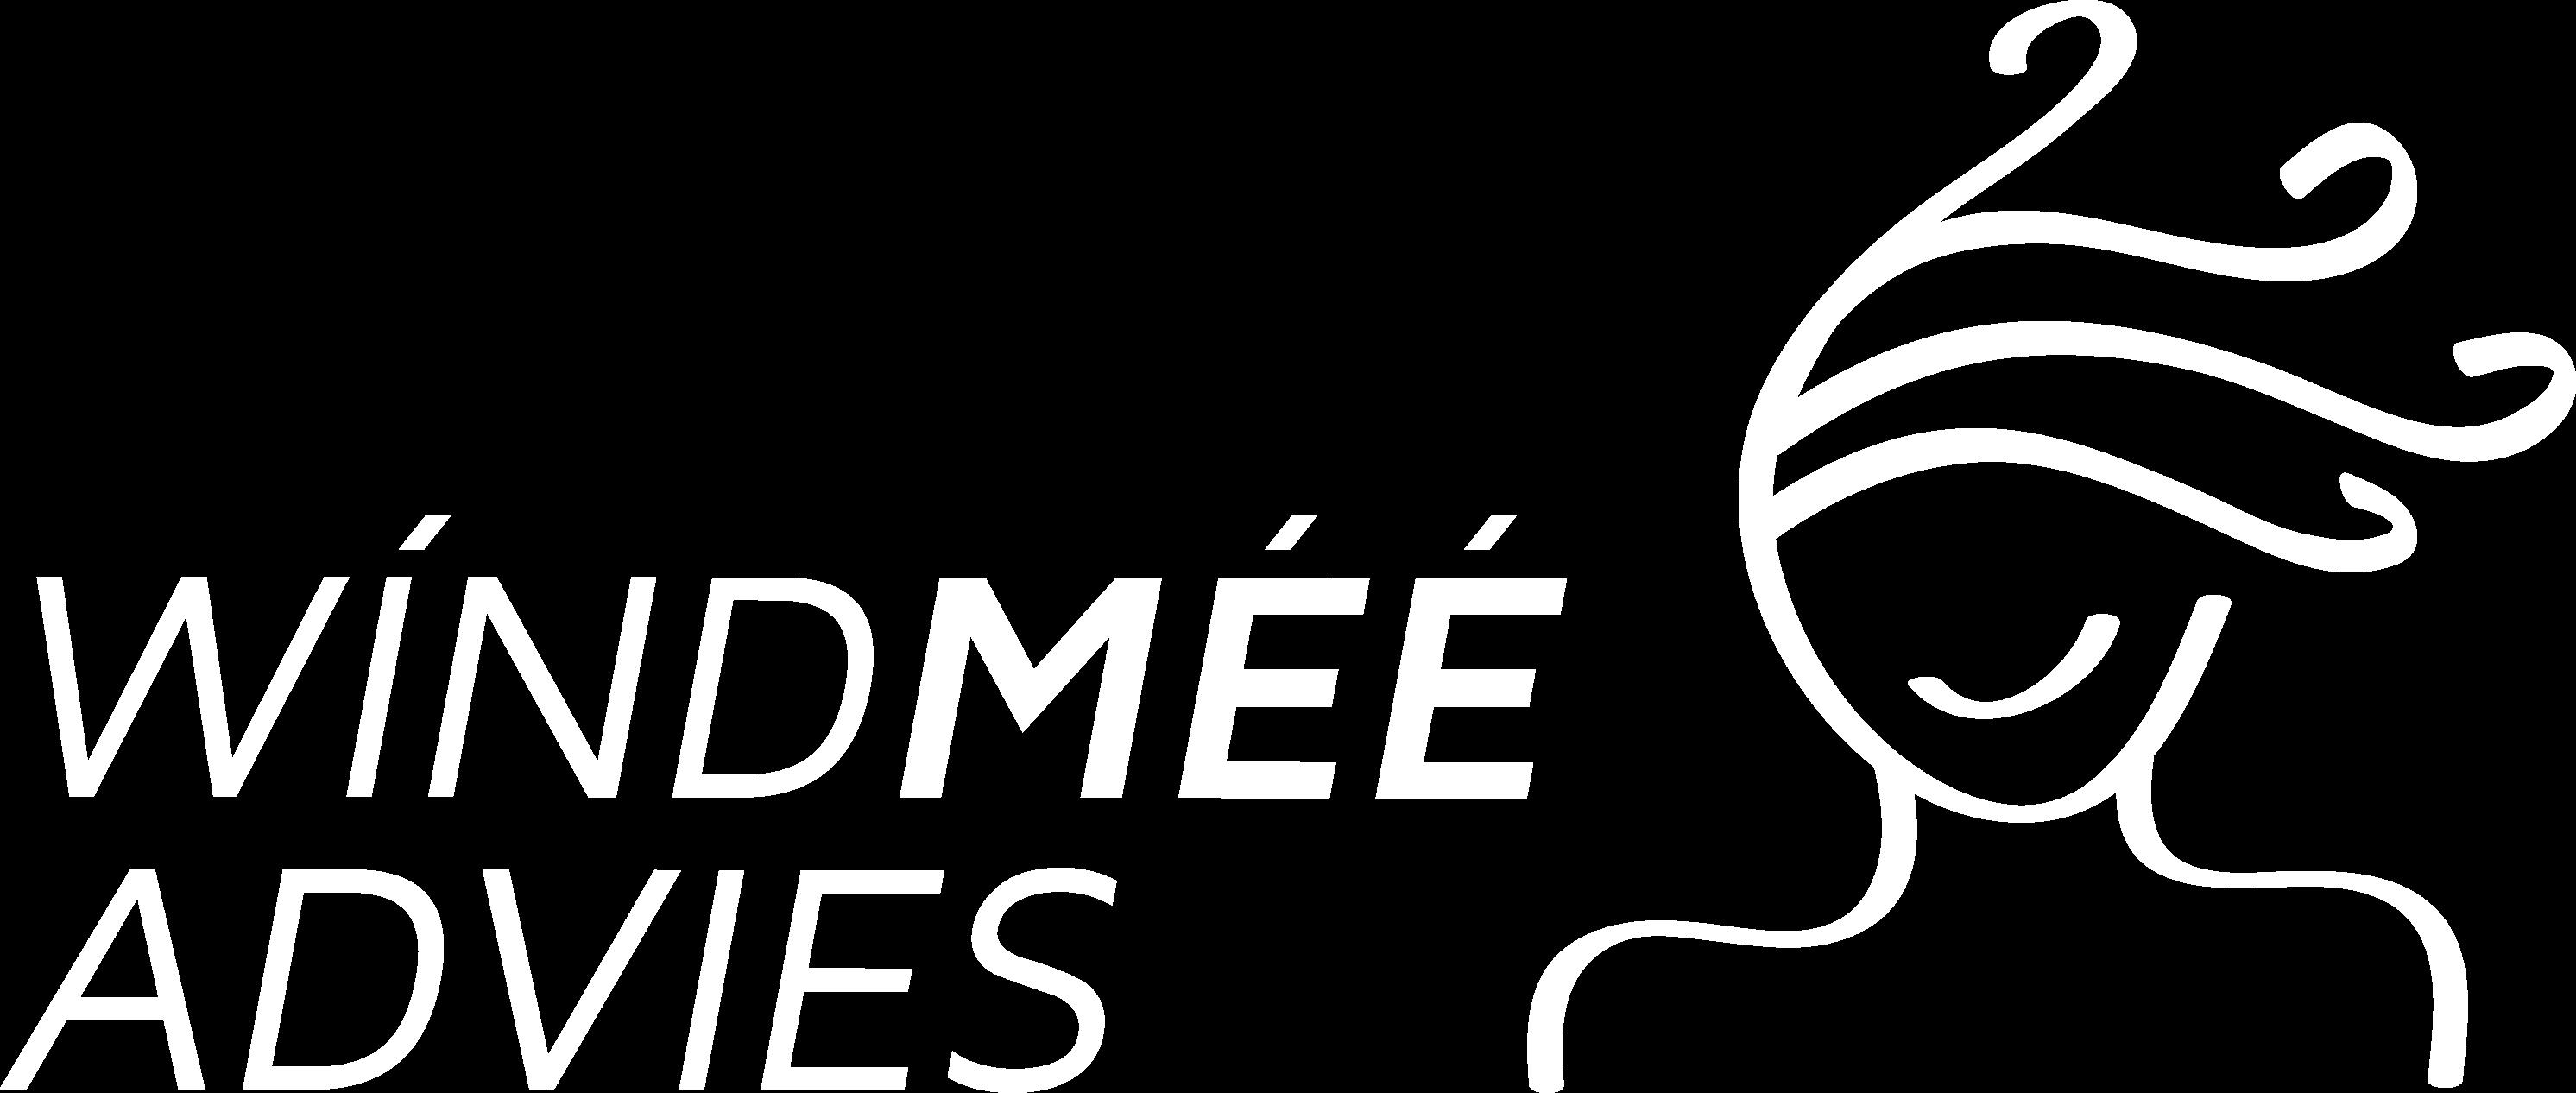 WindMee Advies